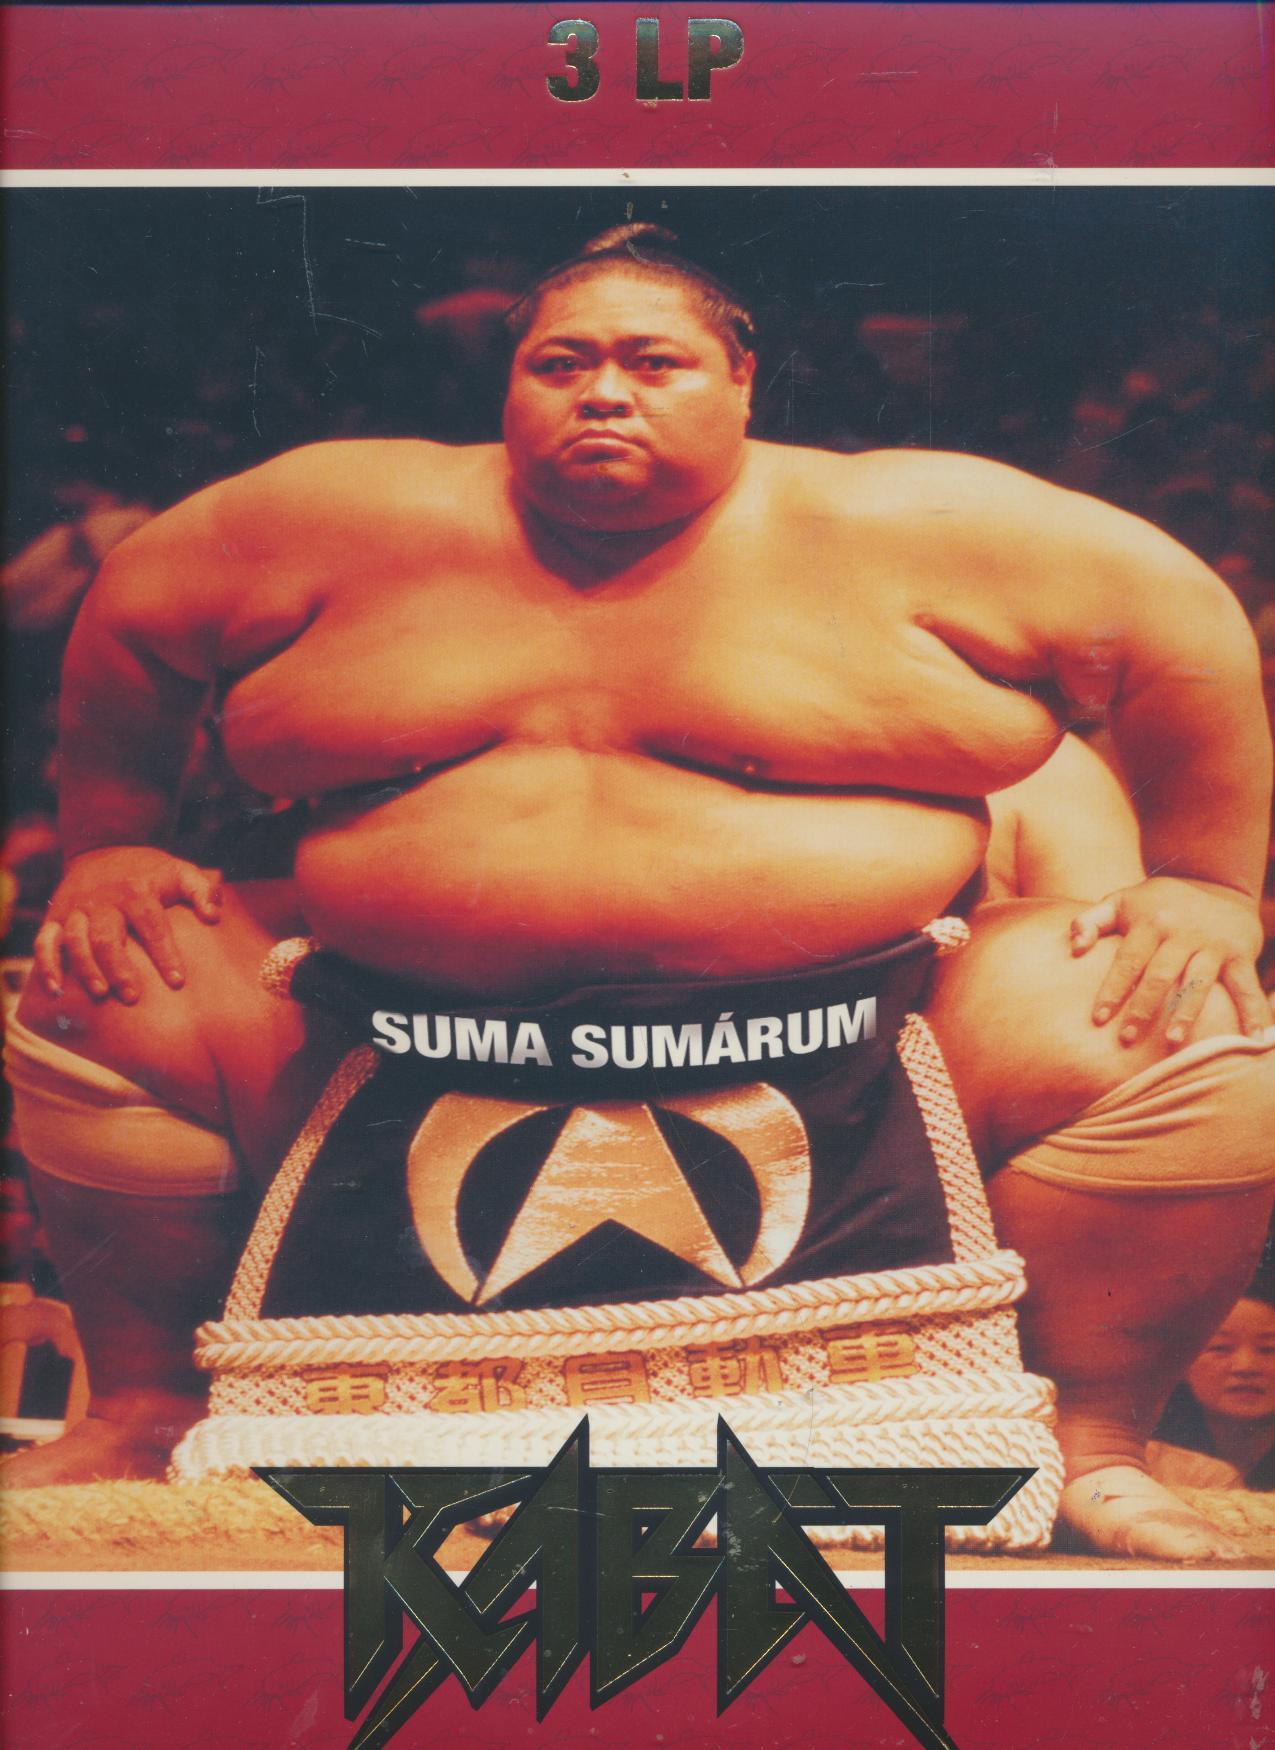 SUMA SUMARUM [VINYL] - supershop.sk